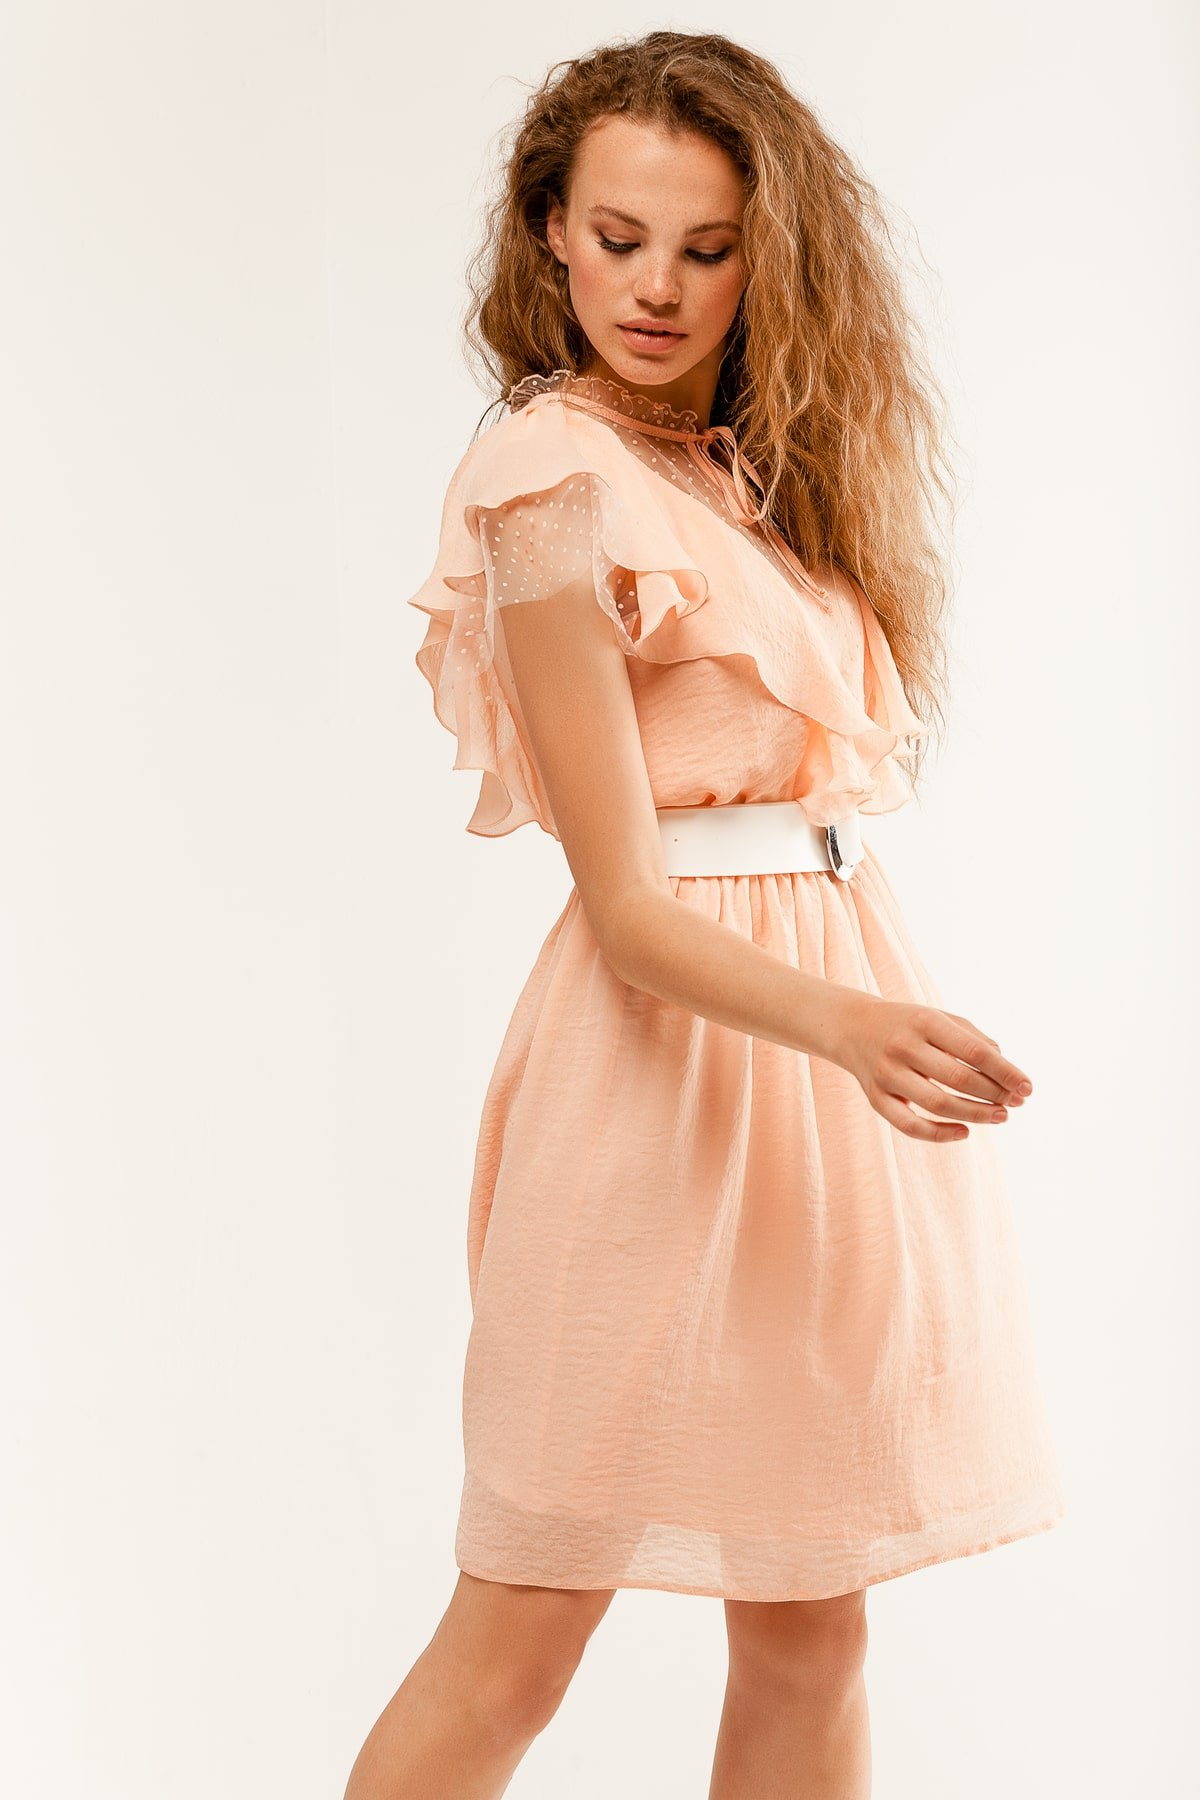 Платье Дали 6992 АРТ. 42308 Цвет: Пудра - фото 4, интернет магазин tm-modus.ru